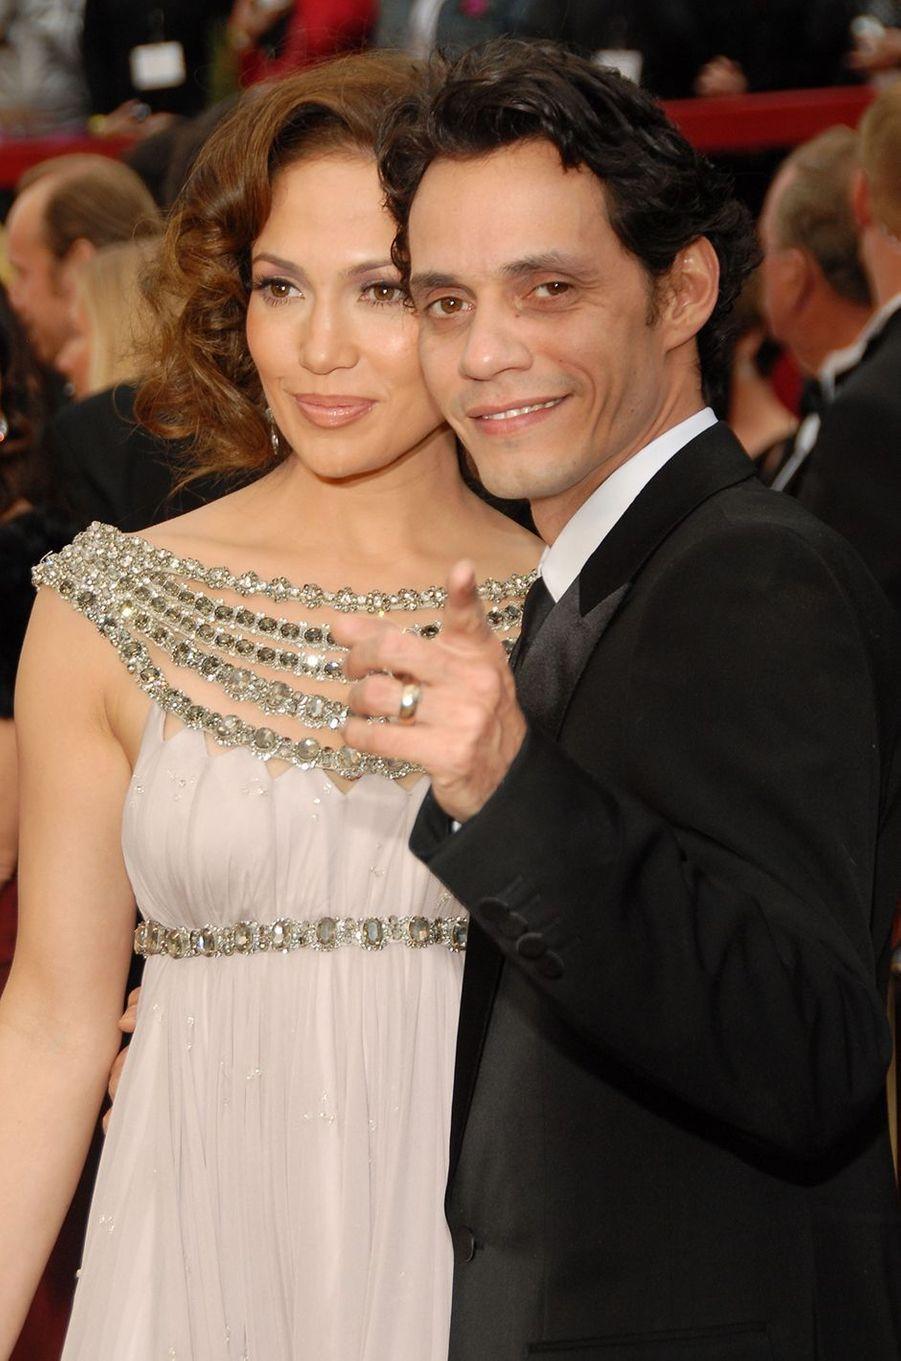 Jennifer Lopez et Marc Anthony aux Oscars à Los Angeles en février 2007. Le couple a commencé à se fréquenter en 2004, s'est marié la même année, et a rompu en 2011. Le divorce a été officialisé en 2014.